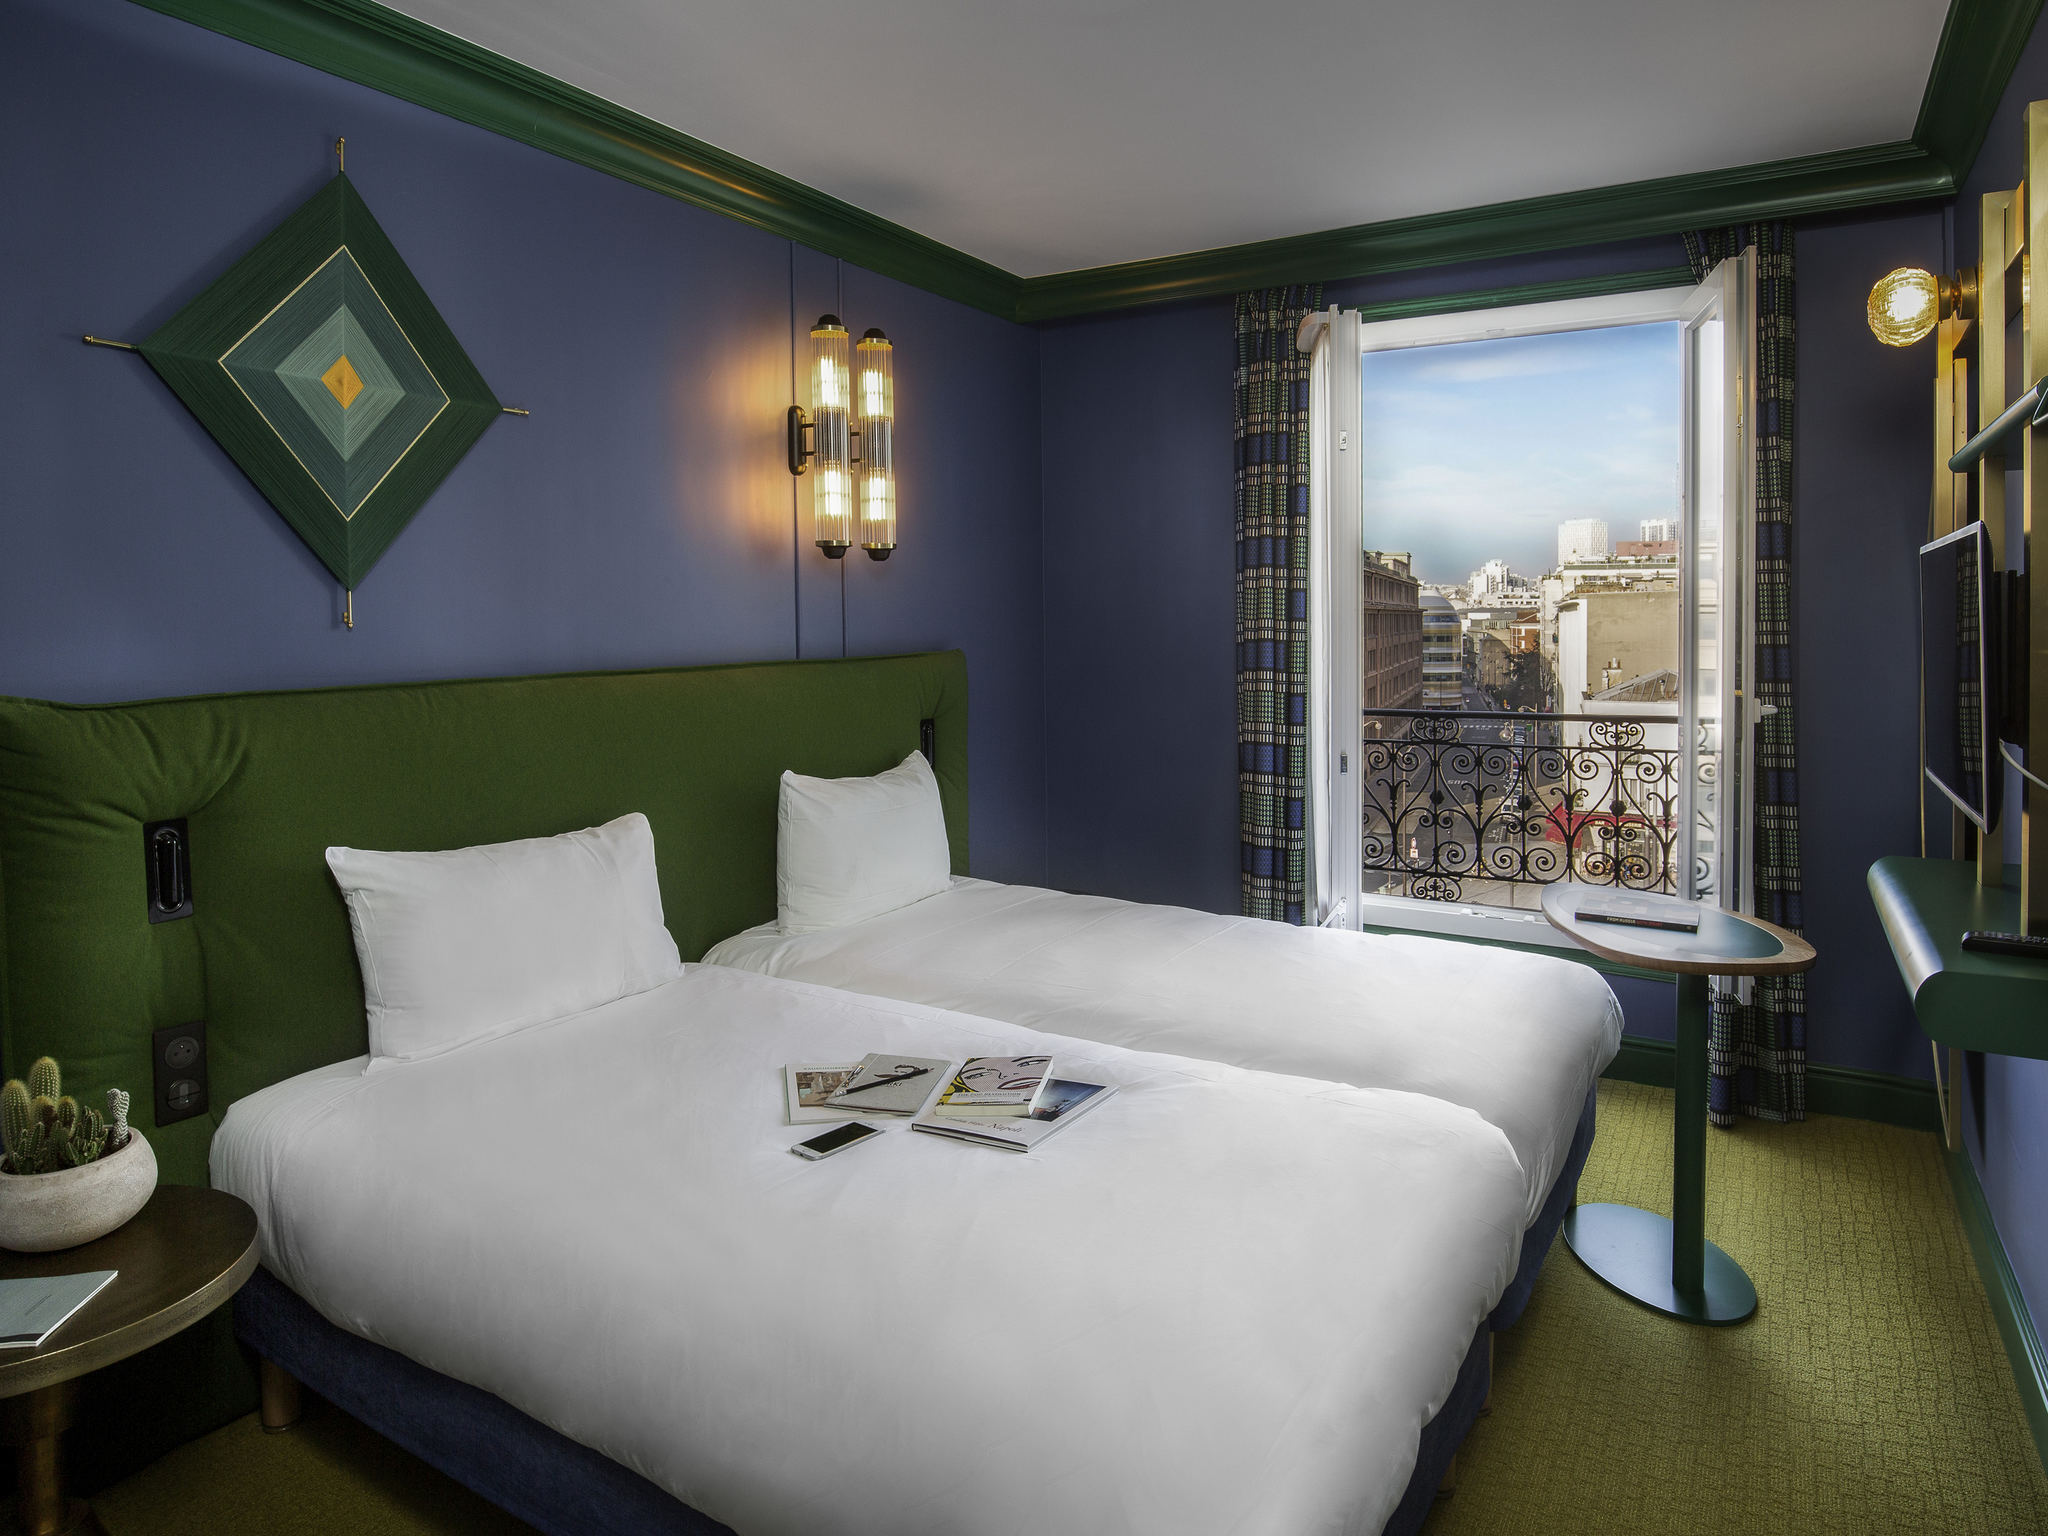 โรงแรม – ไอบิส สไตล์ ปารีส เนชั่น กูร์ส เดอ แวงเซนส์